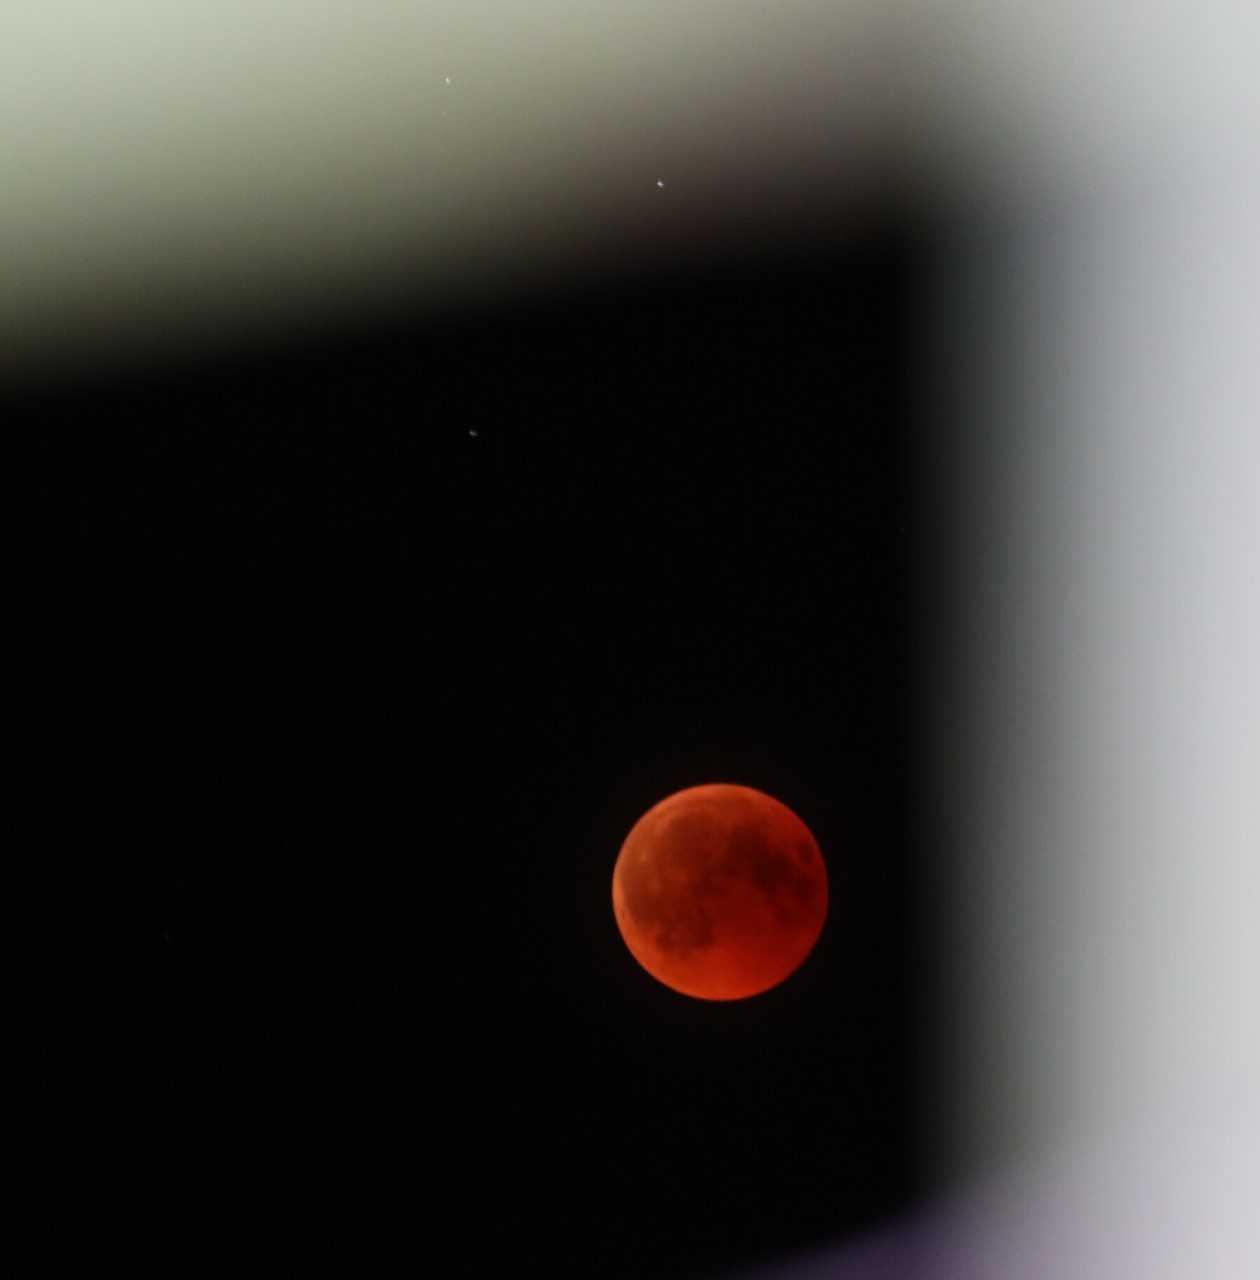 Луната остава винаги видима по време на затъмнения, и се обагря най-често в 1/3 медено, червено или кафяво, защото част от светлината, която влиза в земната атмосфера променя посоката си и осветява Луната.